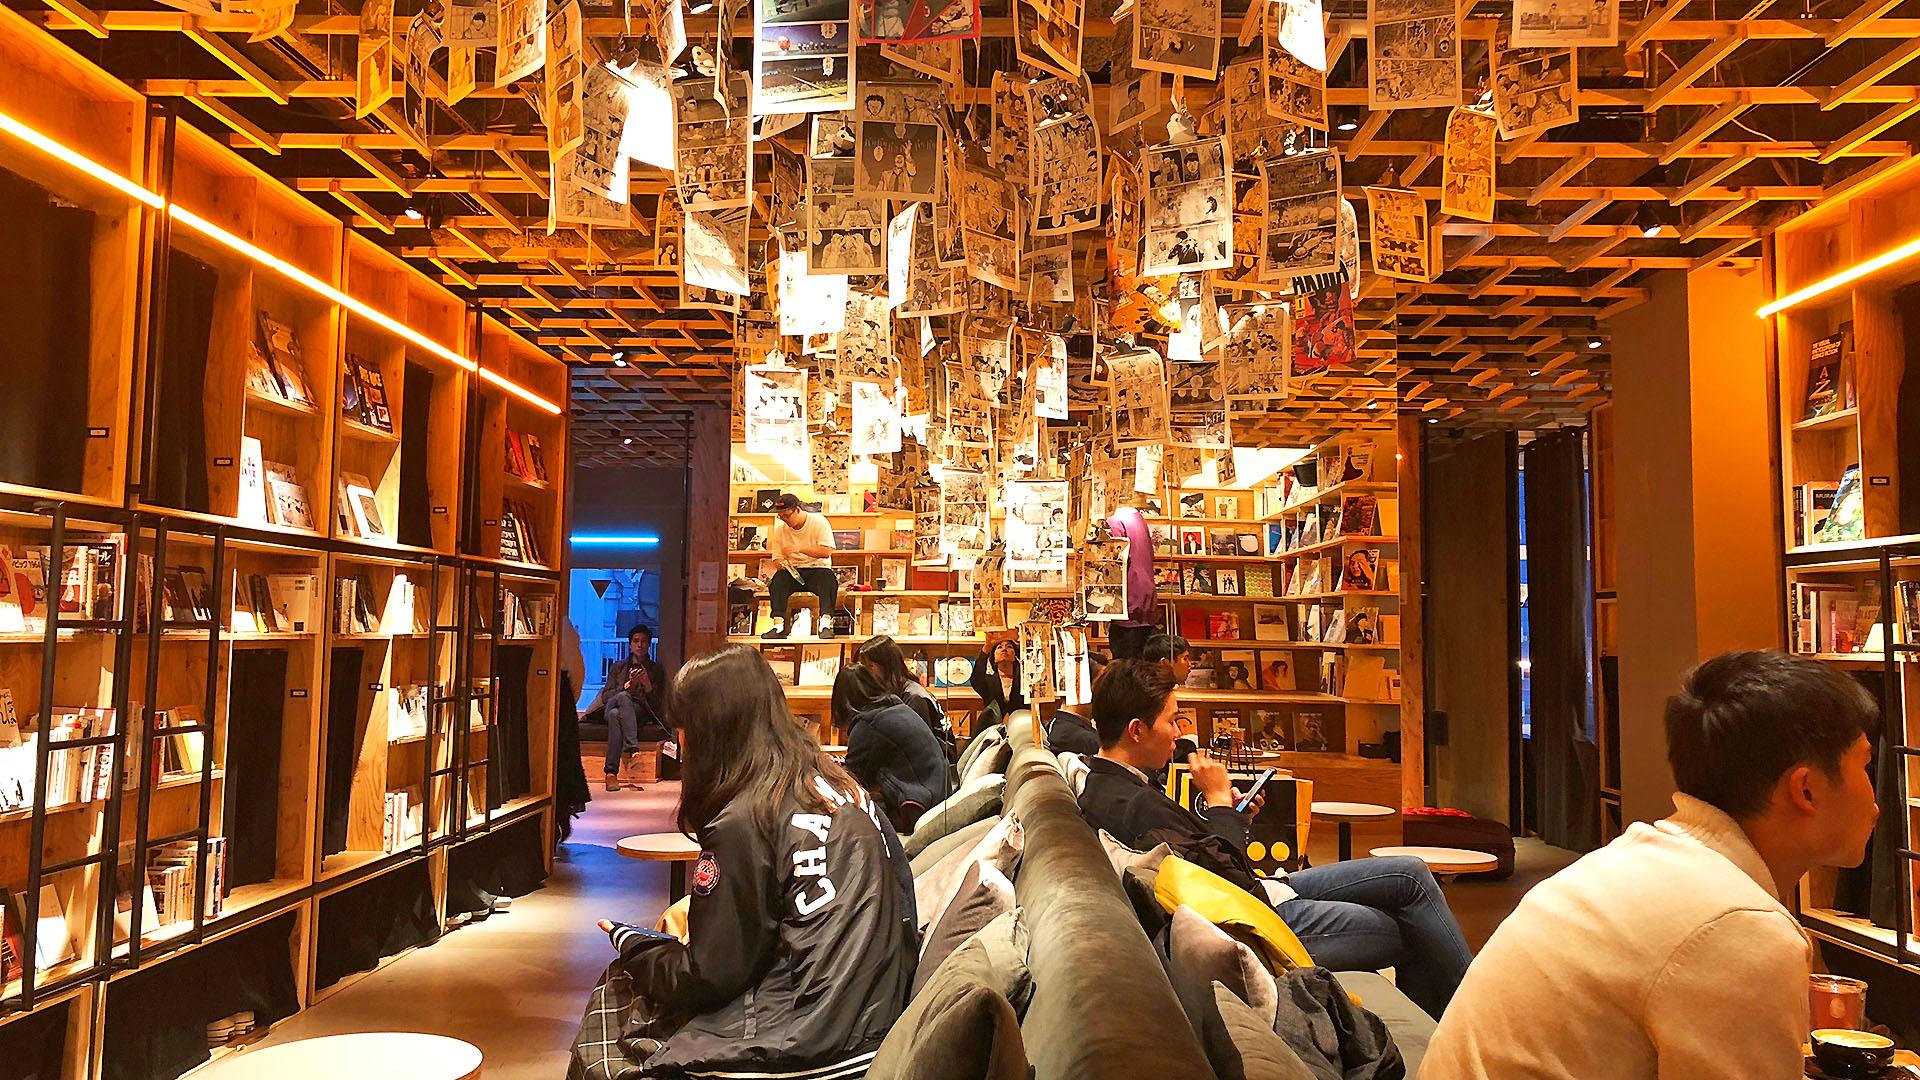 超適合上網曬照!「可以住的書店」為主題的特色青年旅館